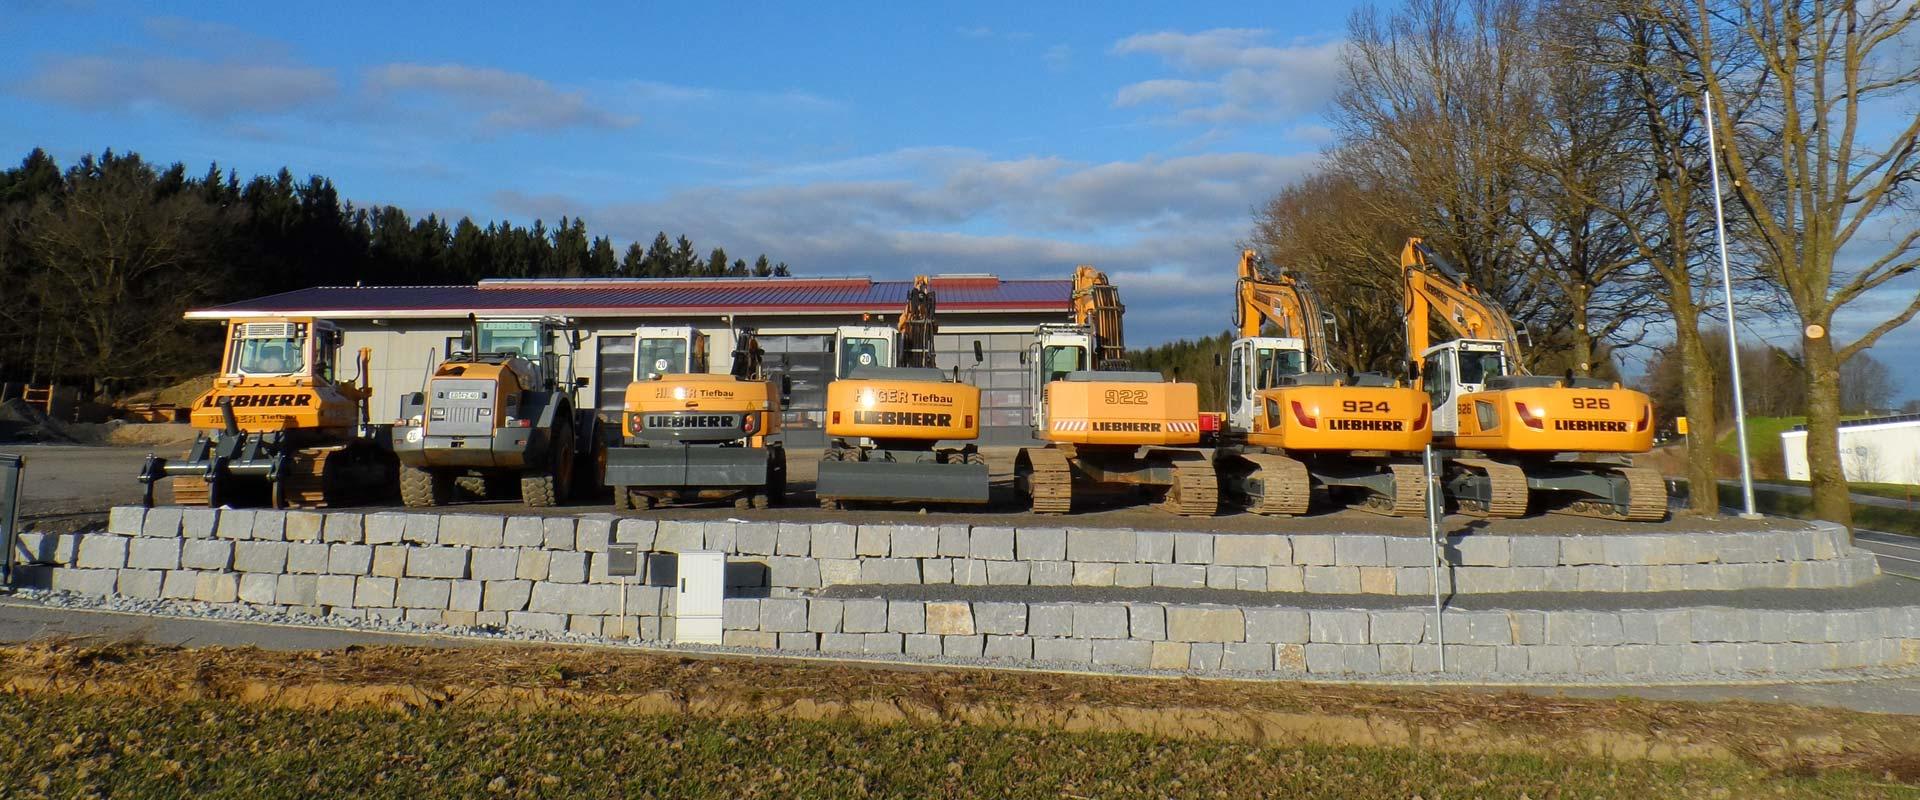 Hilger Tiefbau GmbH bei Erding.